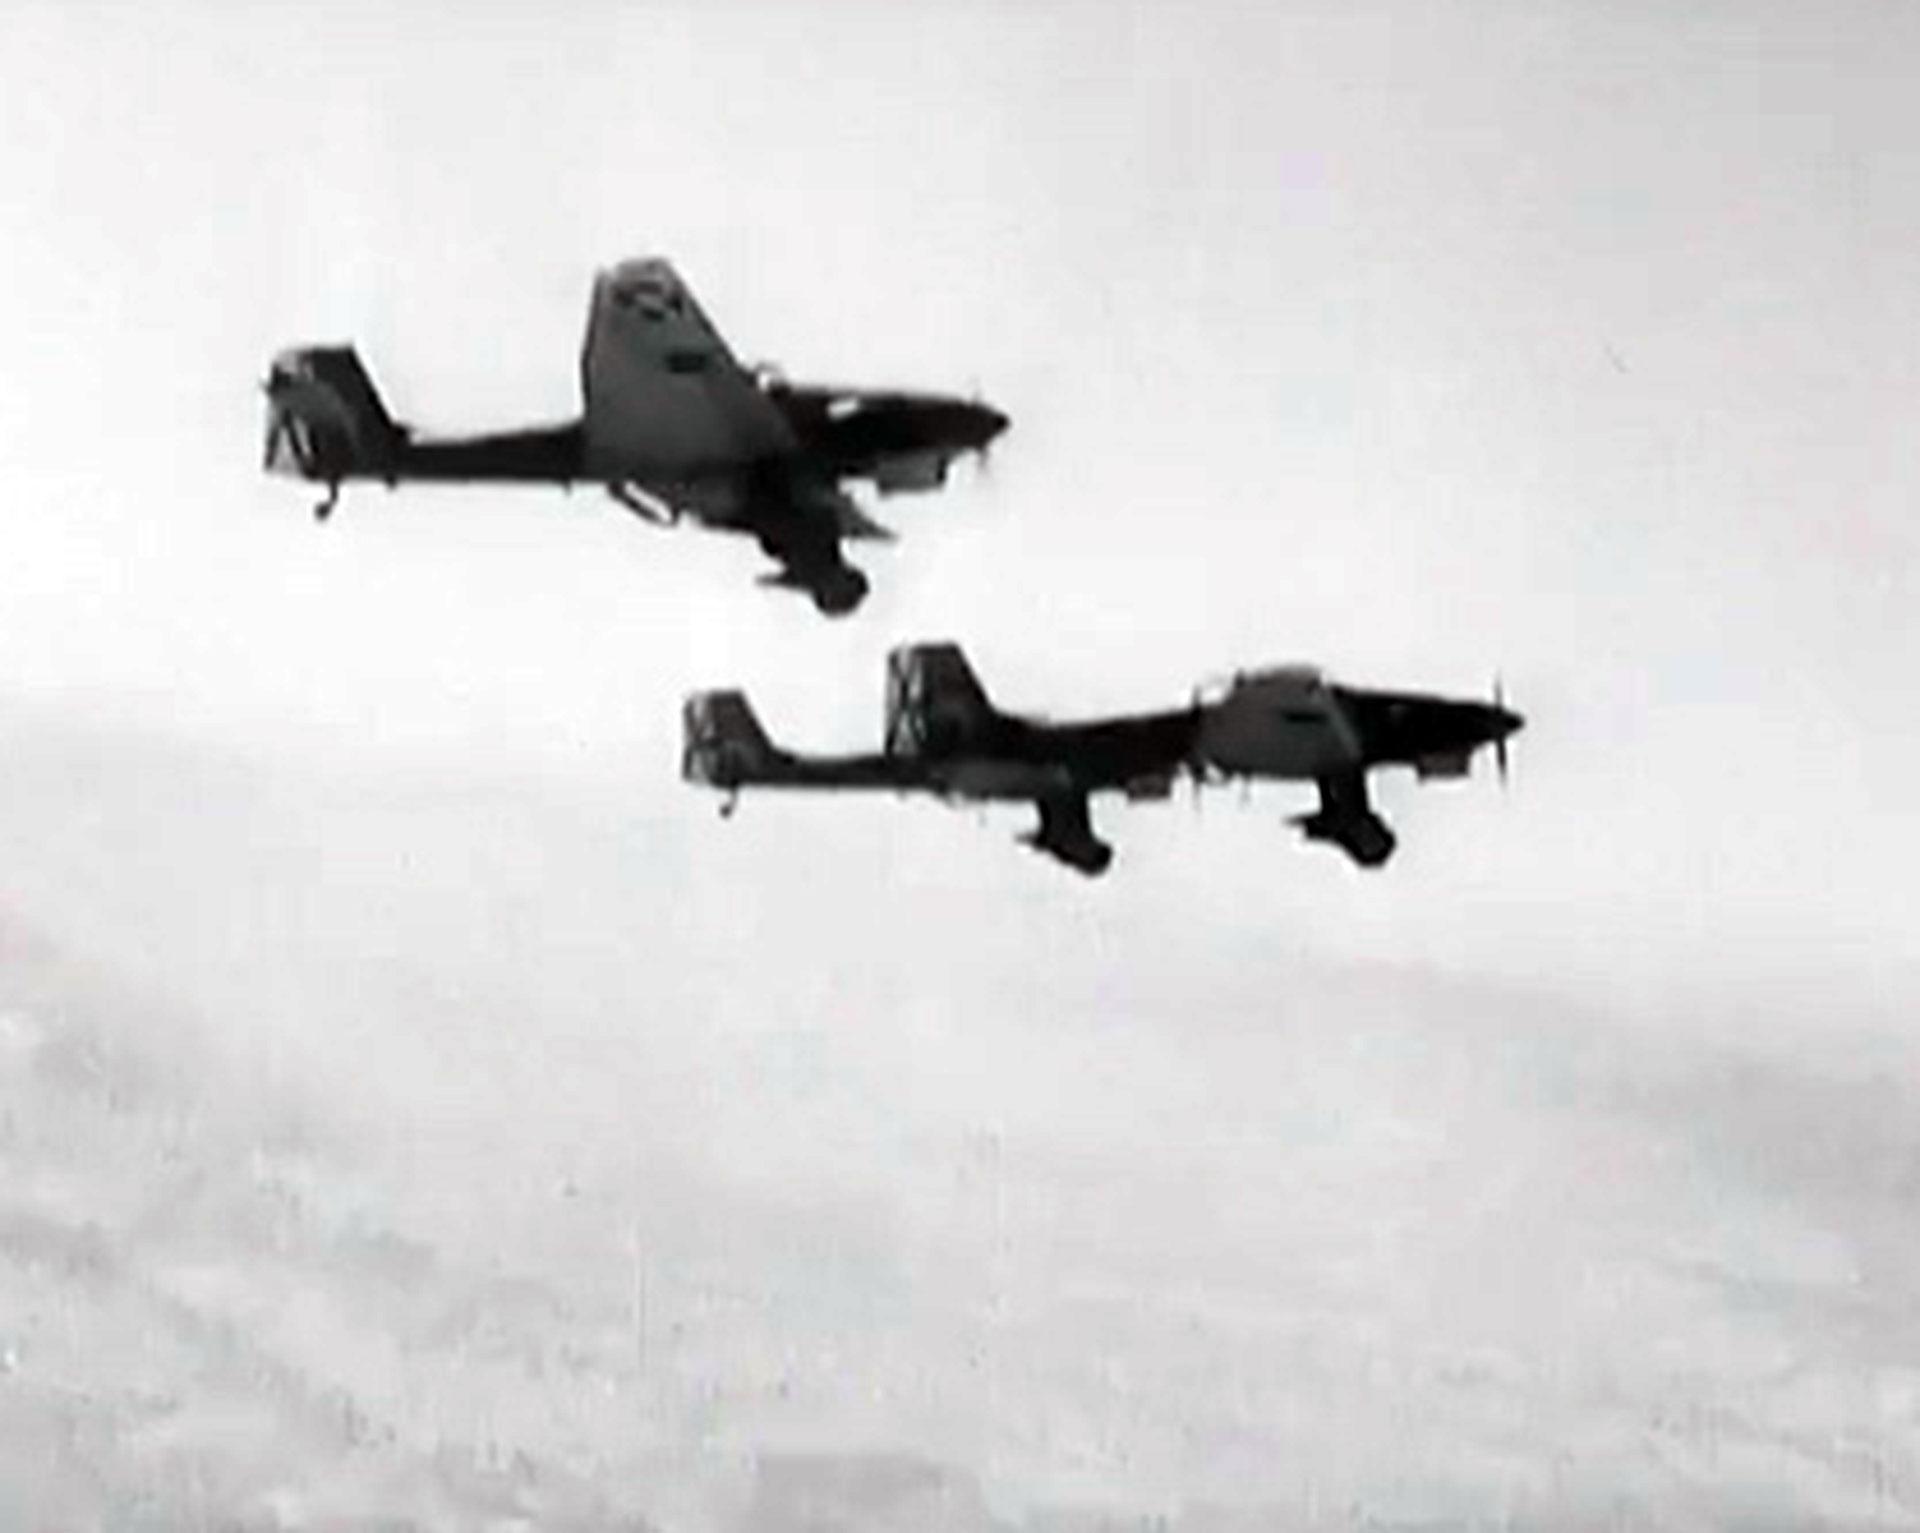 Dos bombarderos Stuka cruzan los aires de Europa. Constituyeron un arma letal de la Alemania nazi